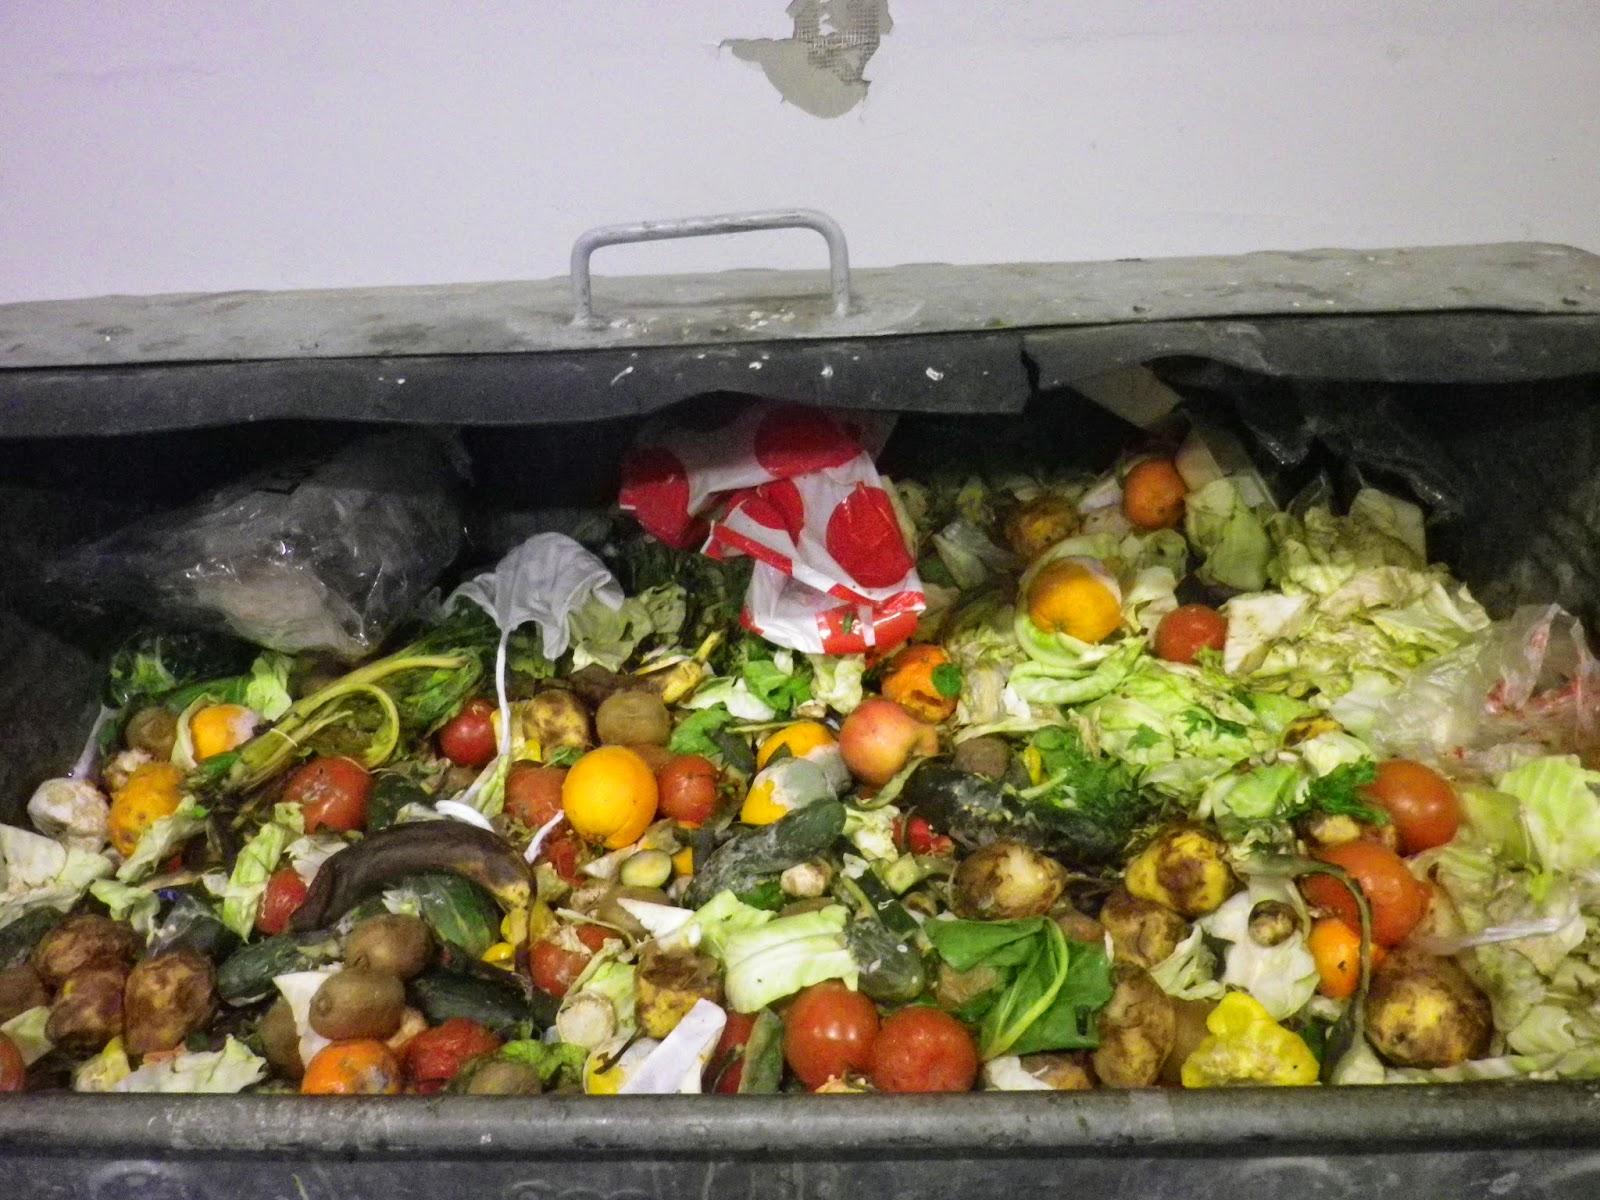 {空屋筆記} 免費的自由: Dumpster Diving:你敢吃垃圾嗎?